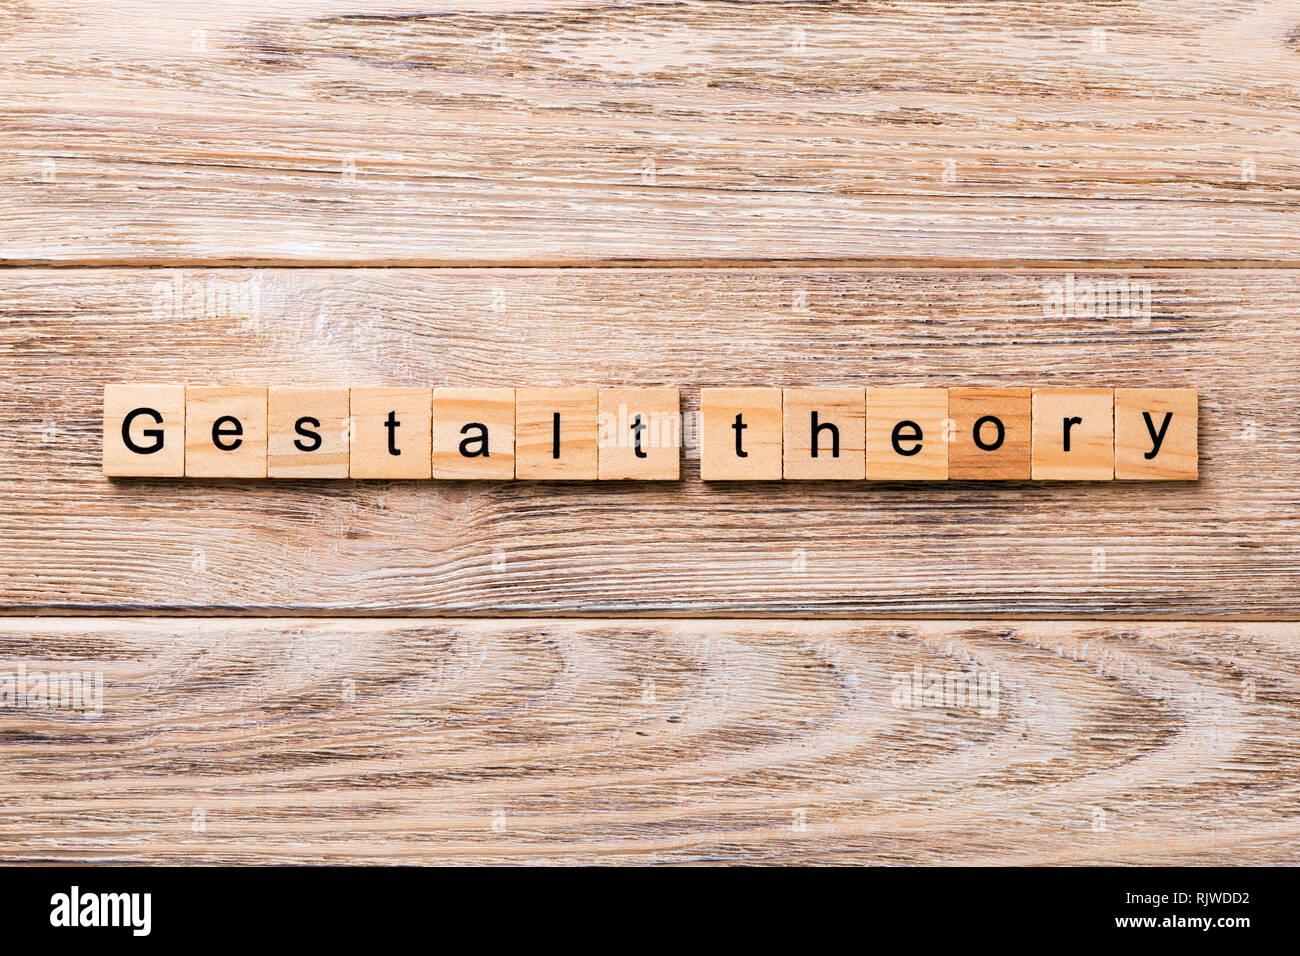 Teoria della gestalt, la parola scritta sul blocco di legno. teoria della Gestalt testo sul tavolo in legno per il desing, concetto. Immagini Stock